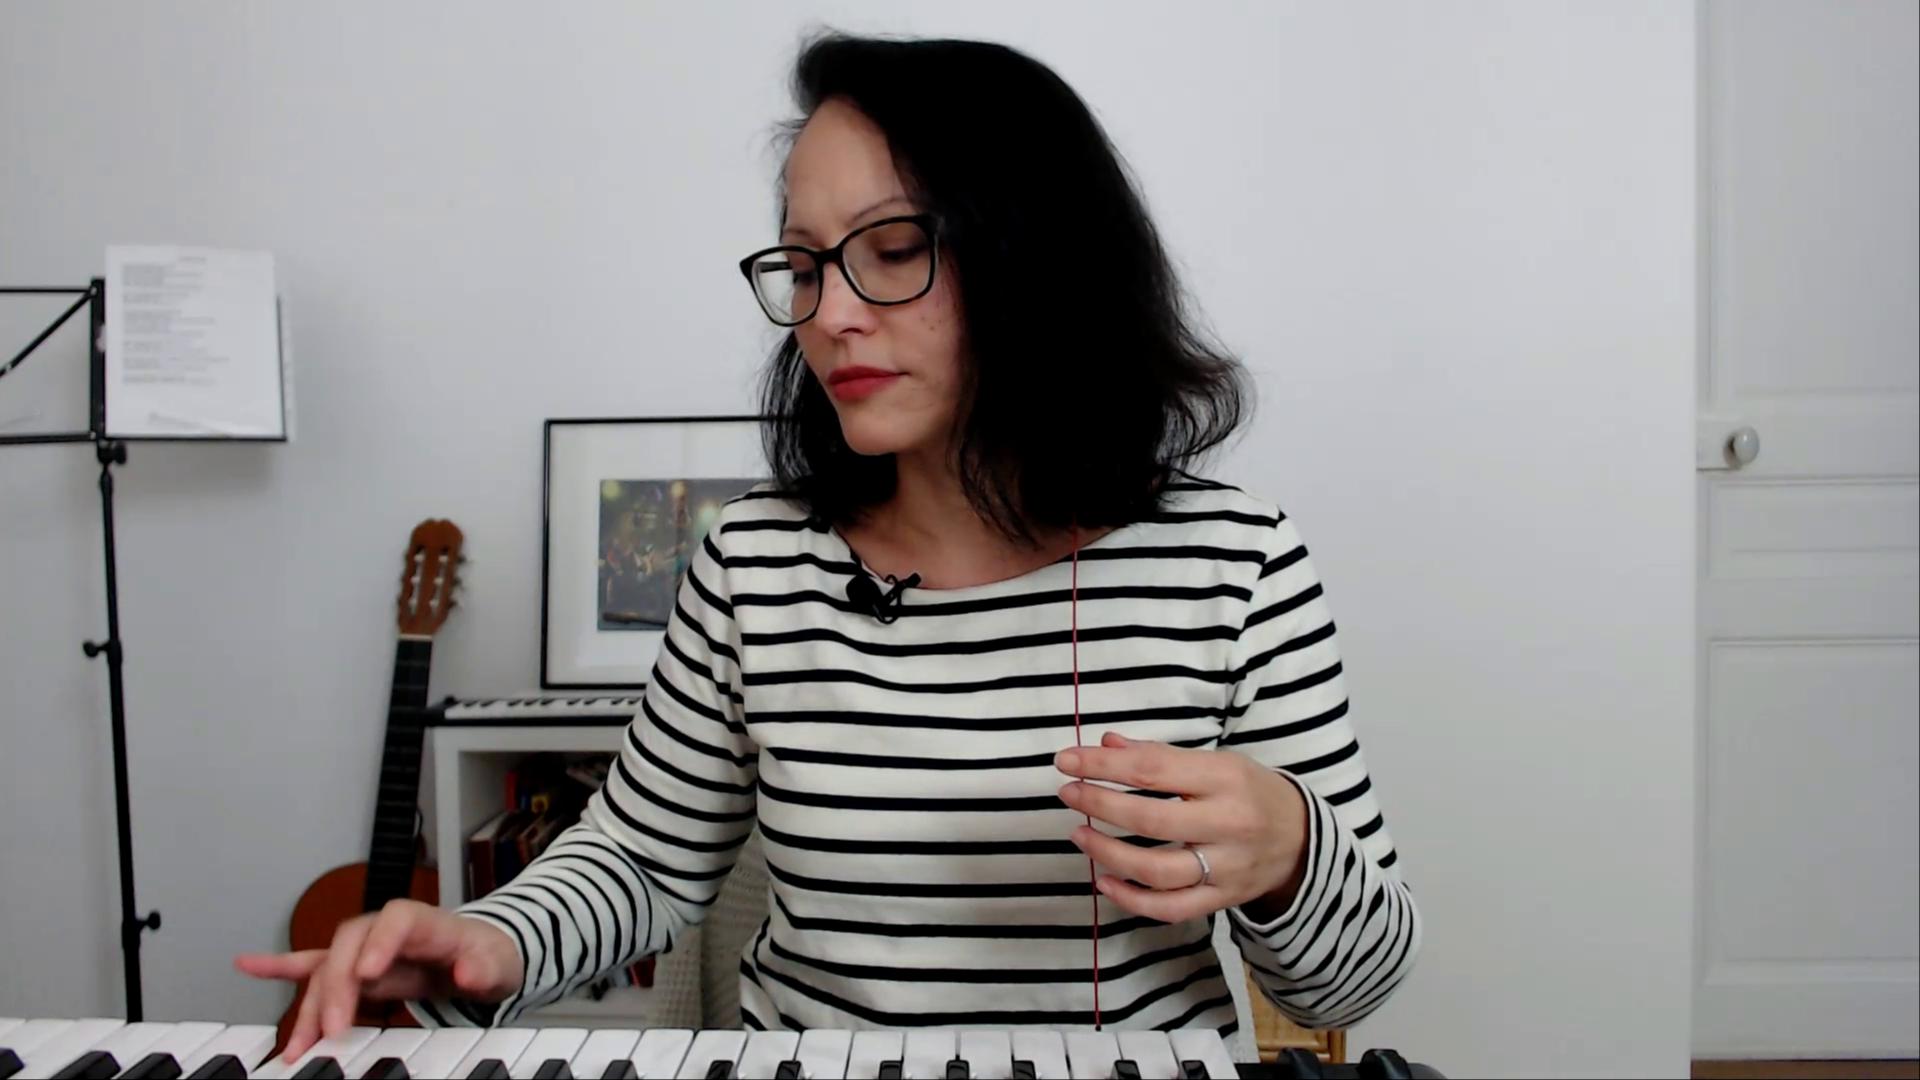 chanter legato et staccato